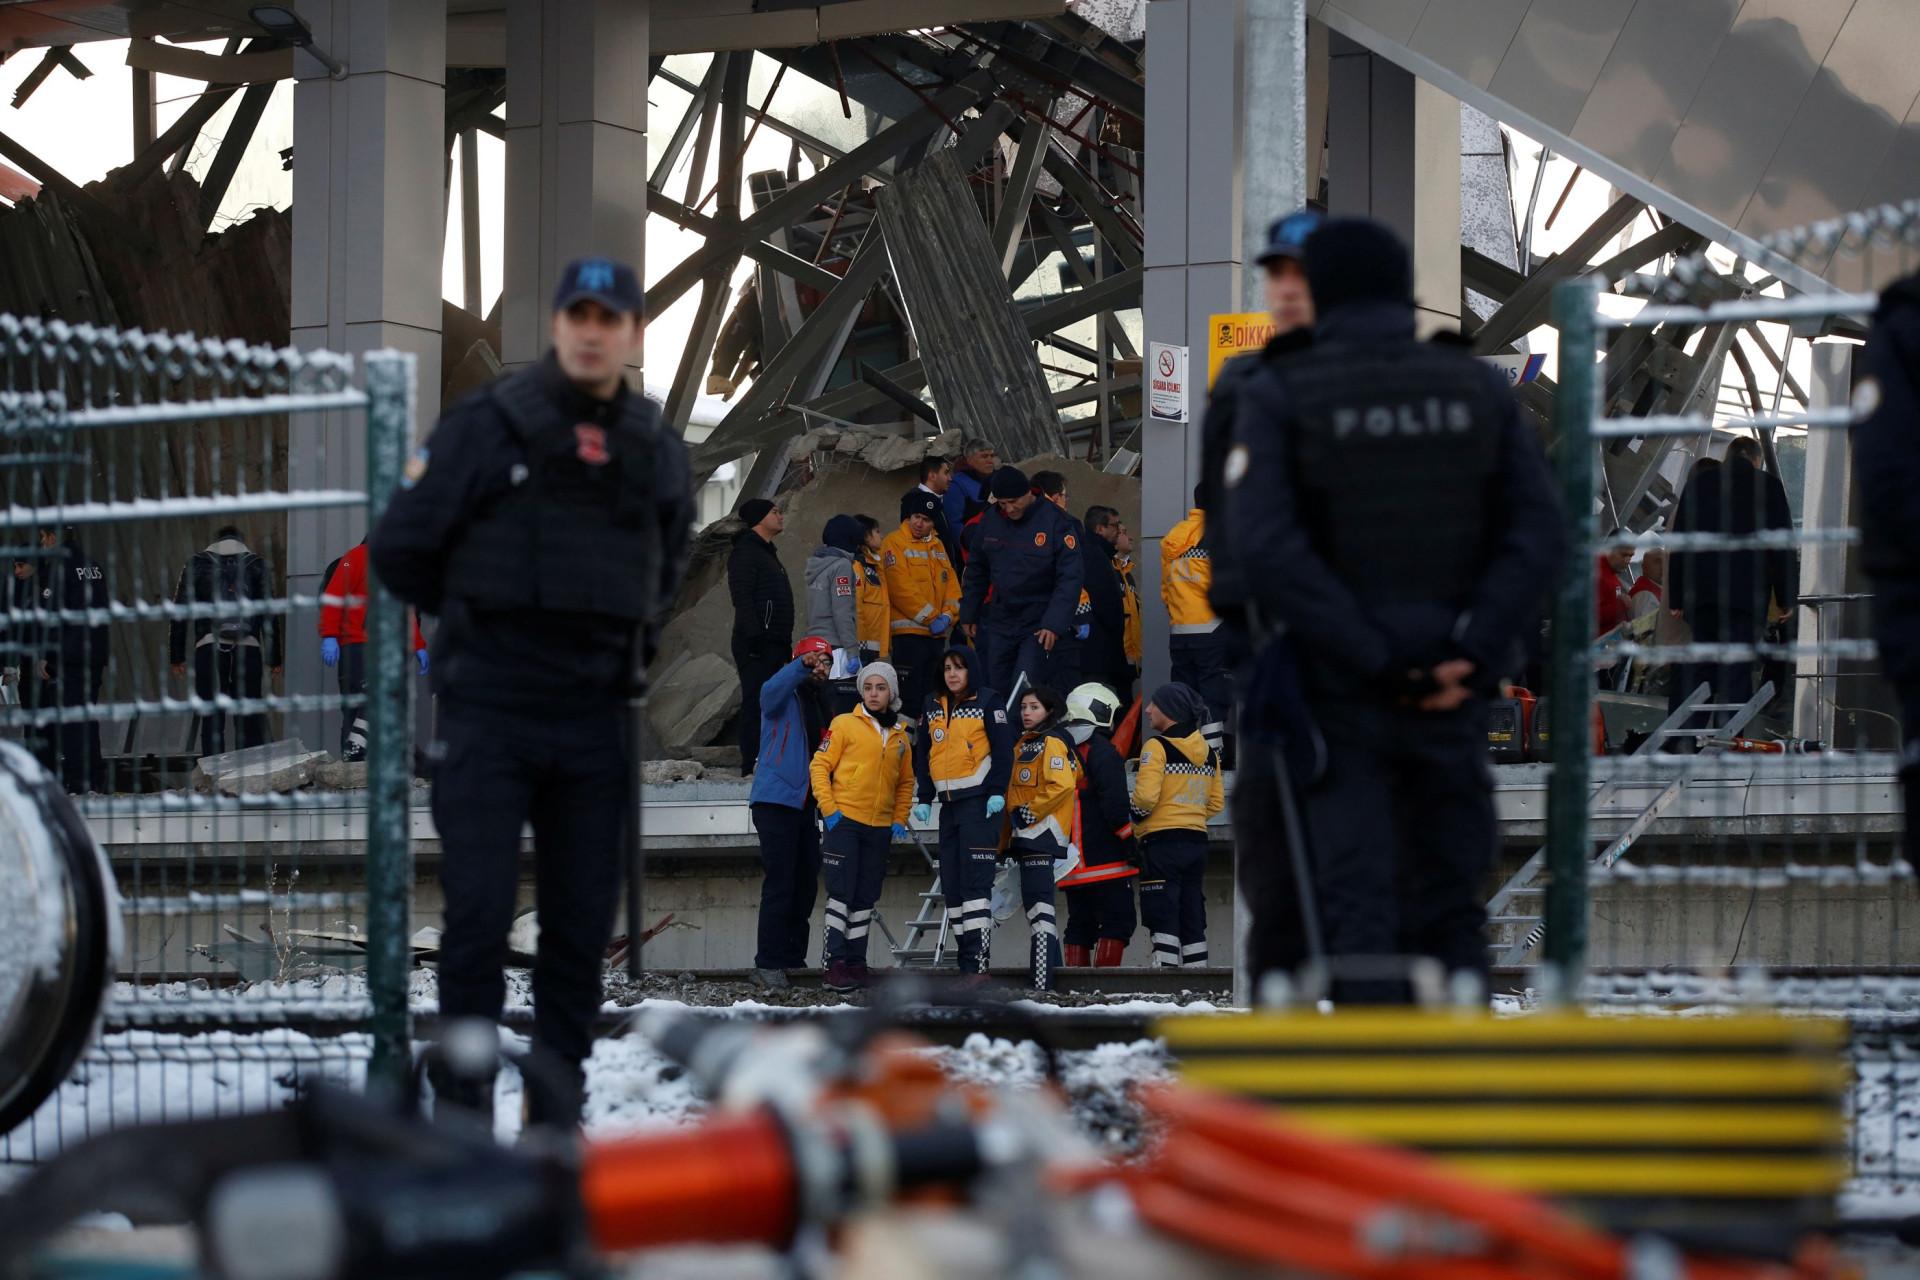 Imagens mostram impacto de acidente de comboio na Turquia